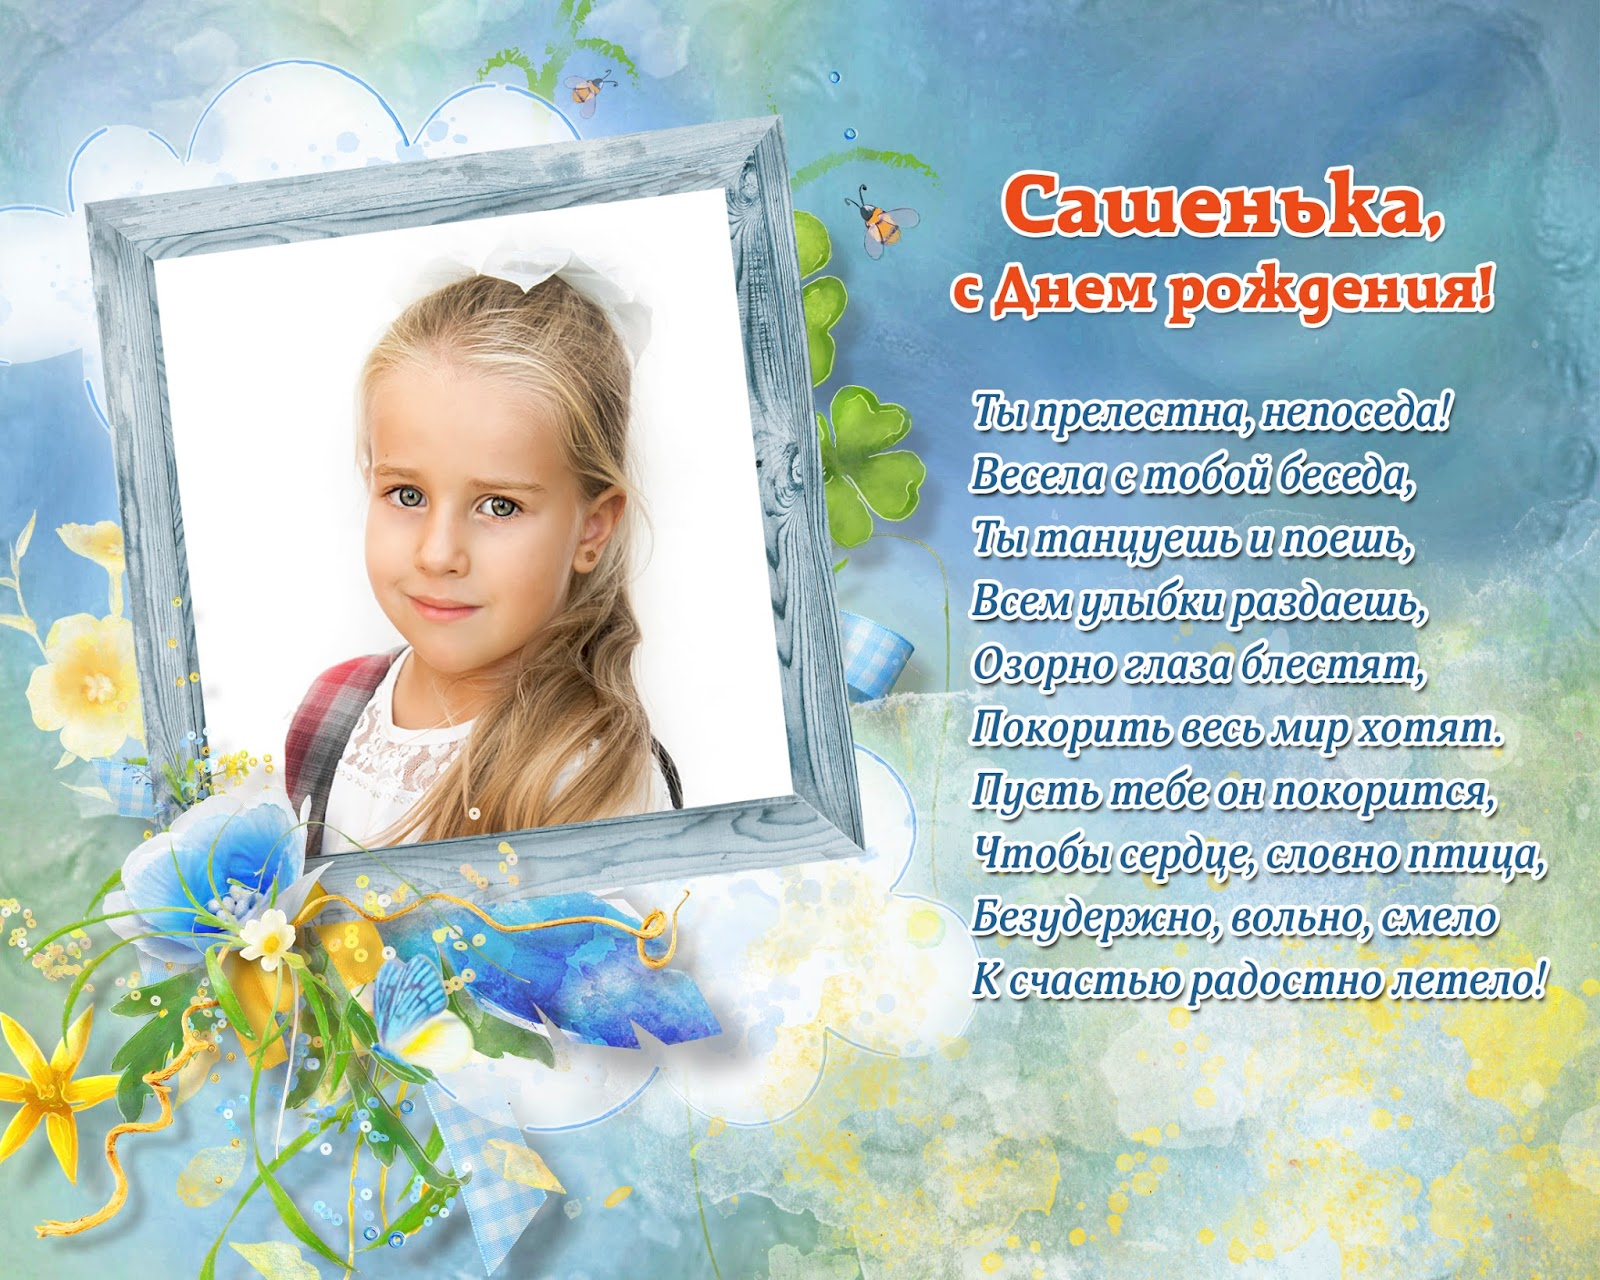 Открытка с днем рождения девушке сашеньке, днем